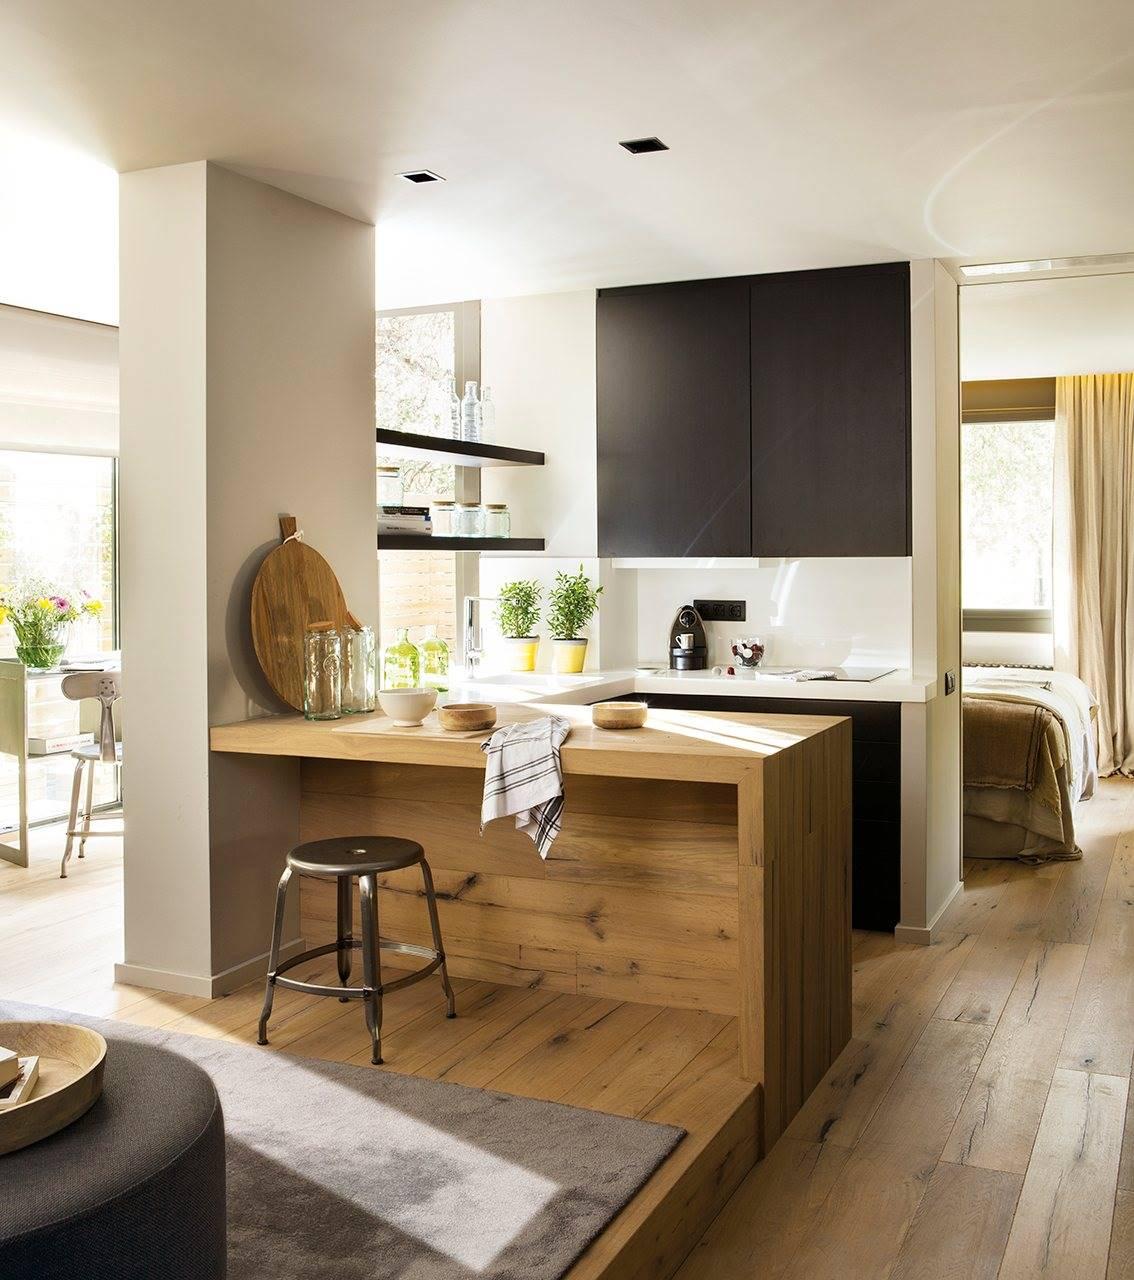 34 ideas de cocinas modernas 2019